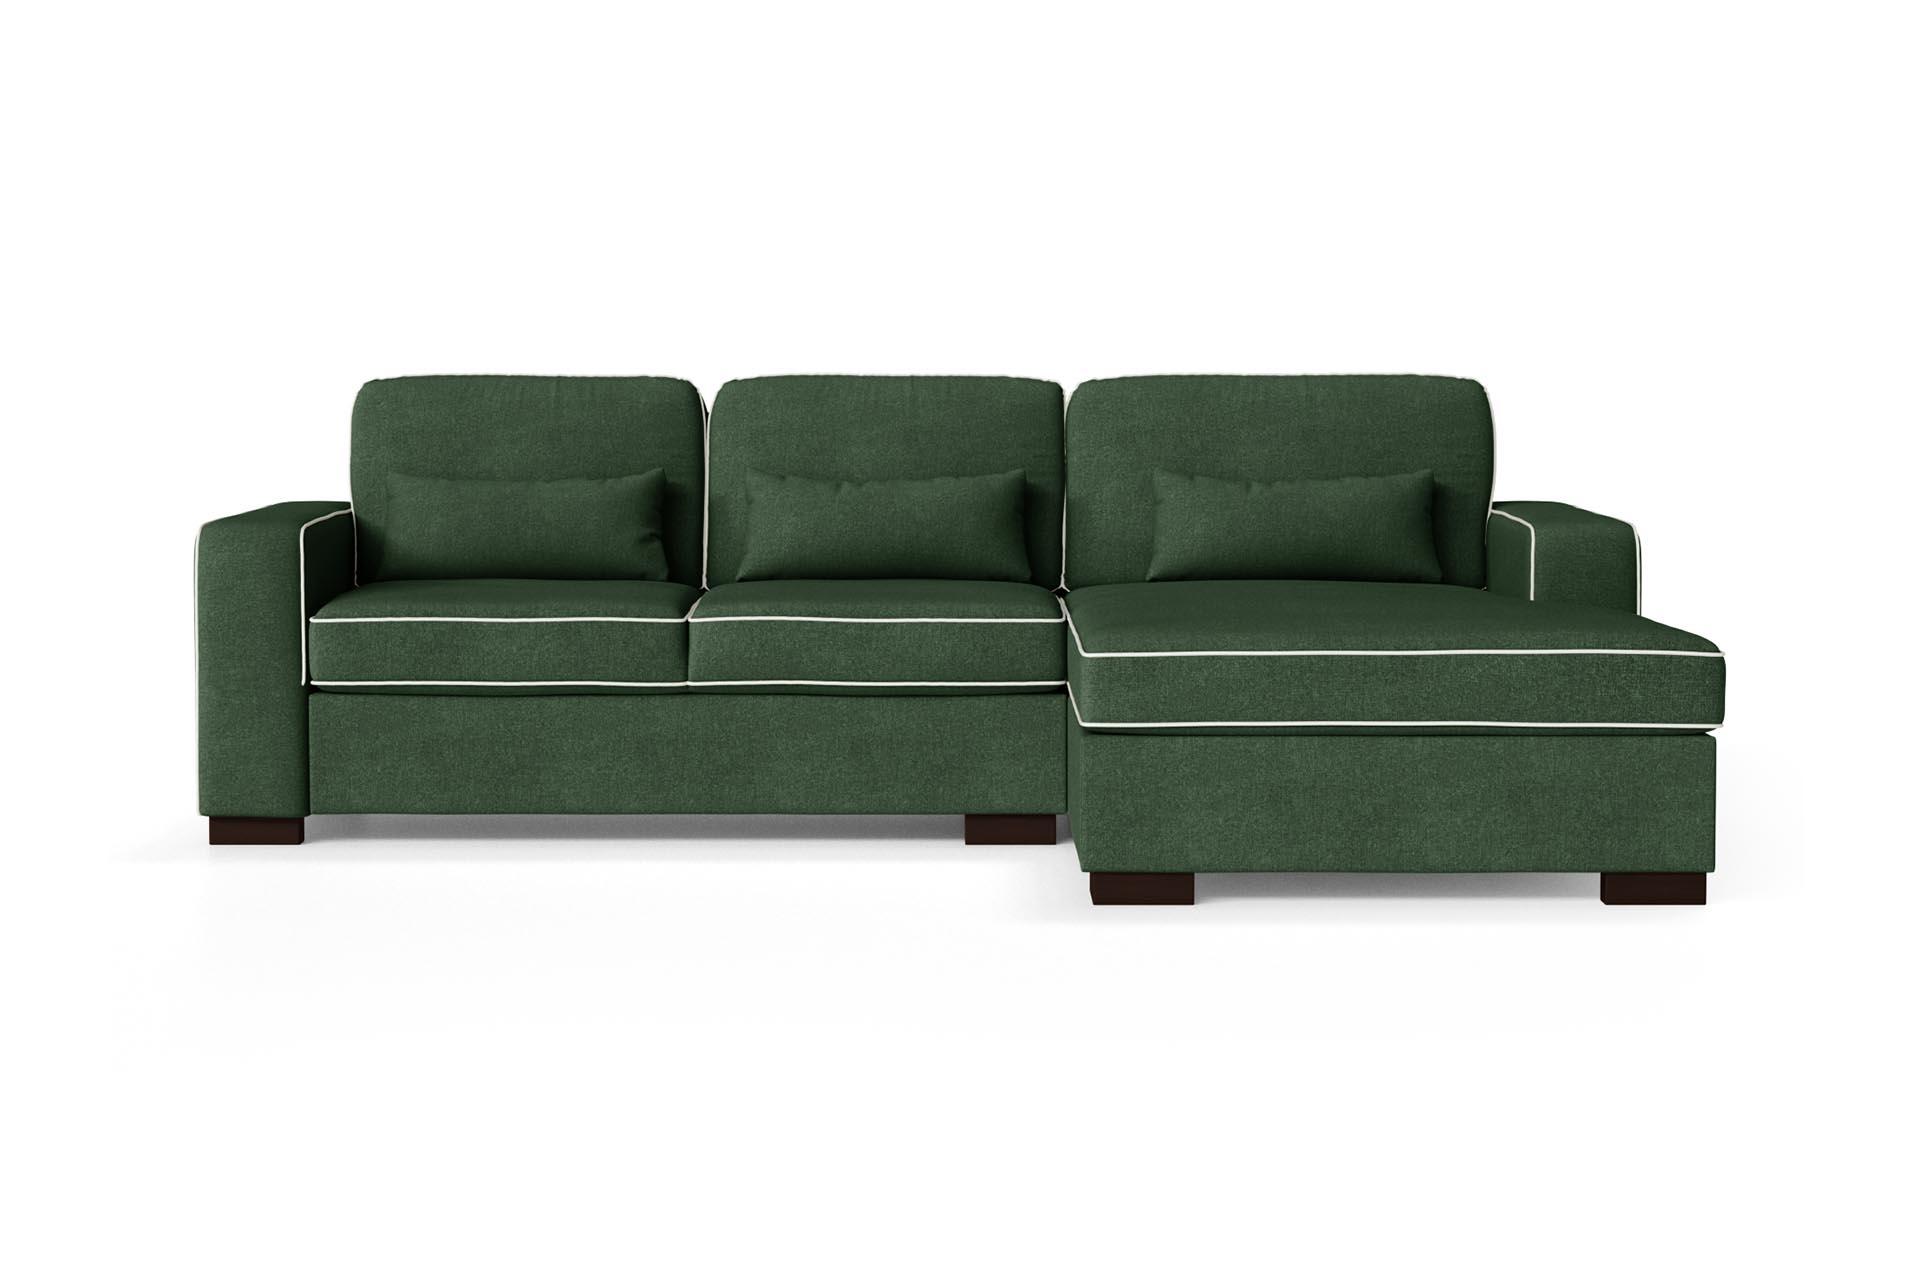 Canapé d'angle droit 4 places toucher coton vert bouteille/gris clair